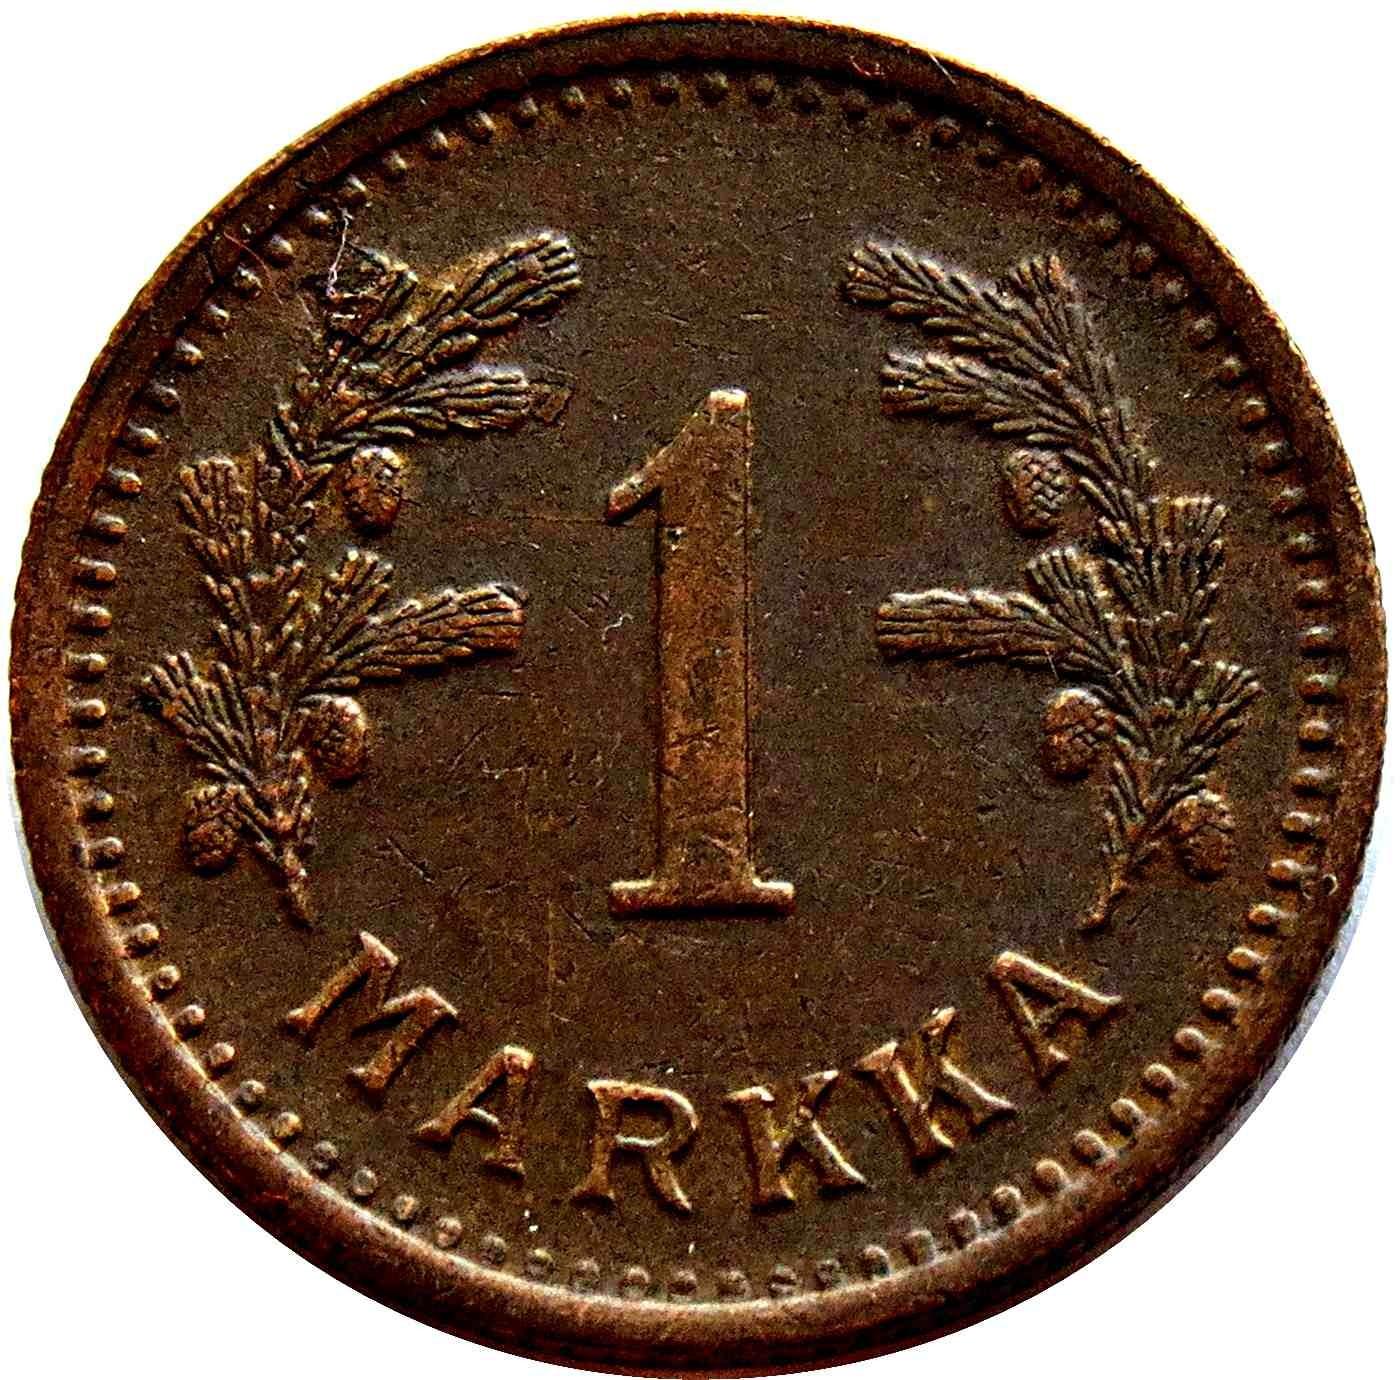 Finland 1 Markka (1940-1951)